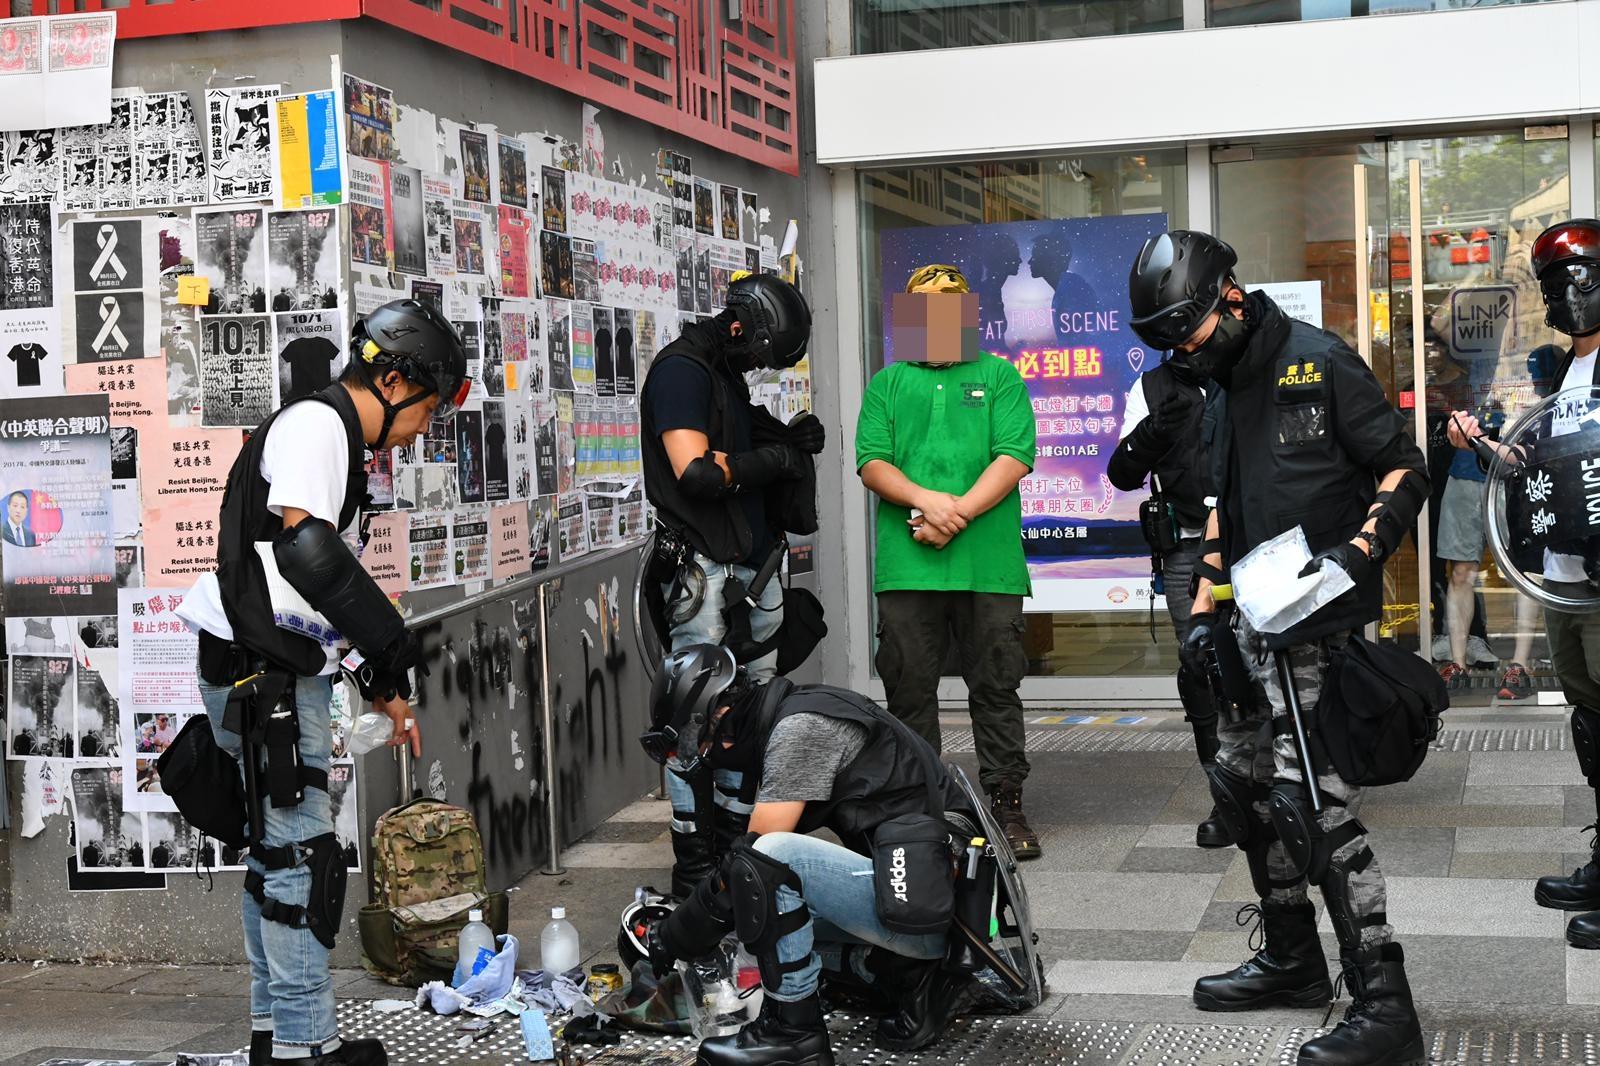 【修例风波】数十防暴警黄大仙驻守 1男涂鸦被带走